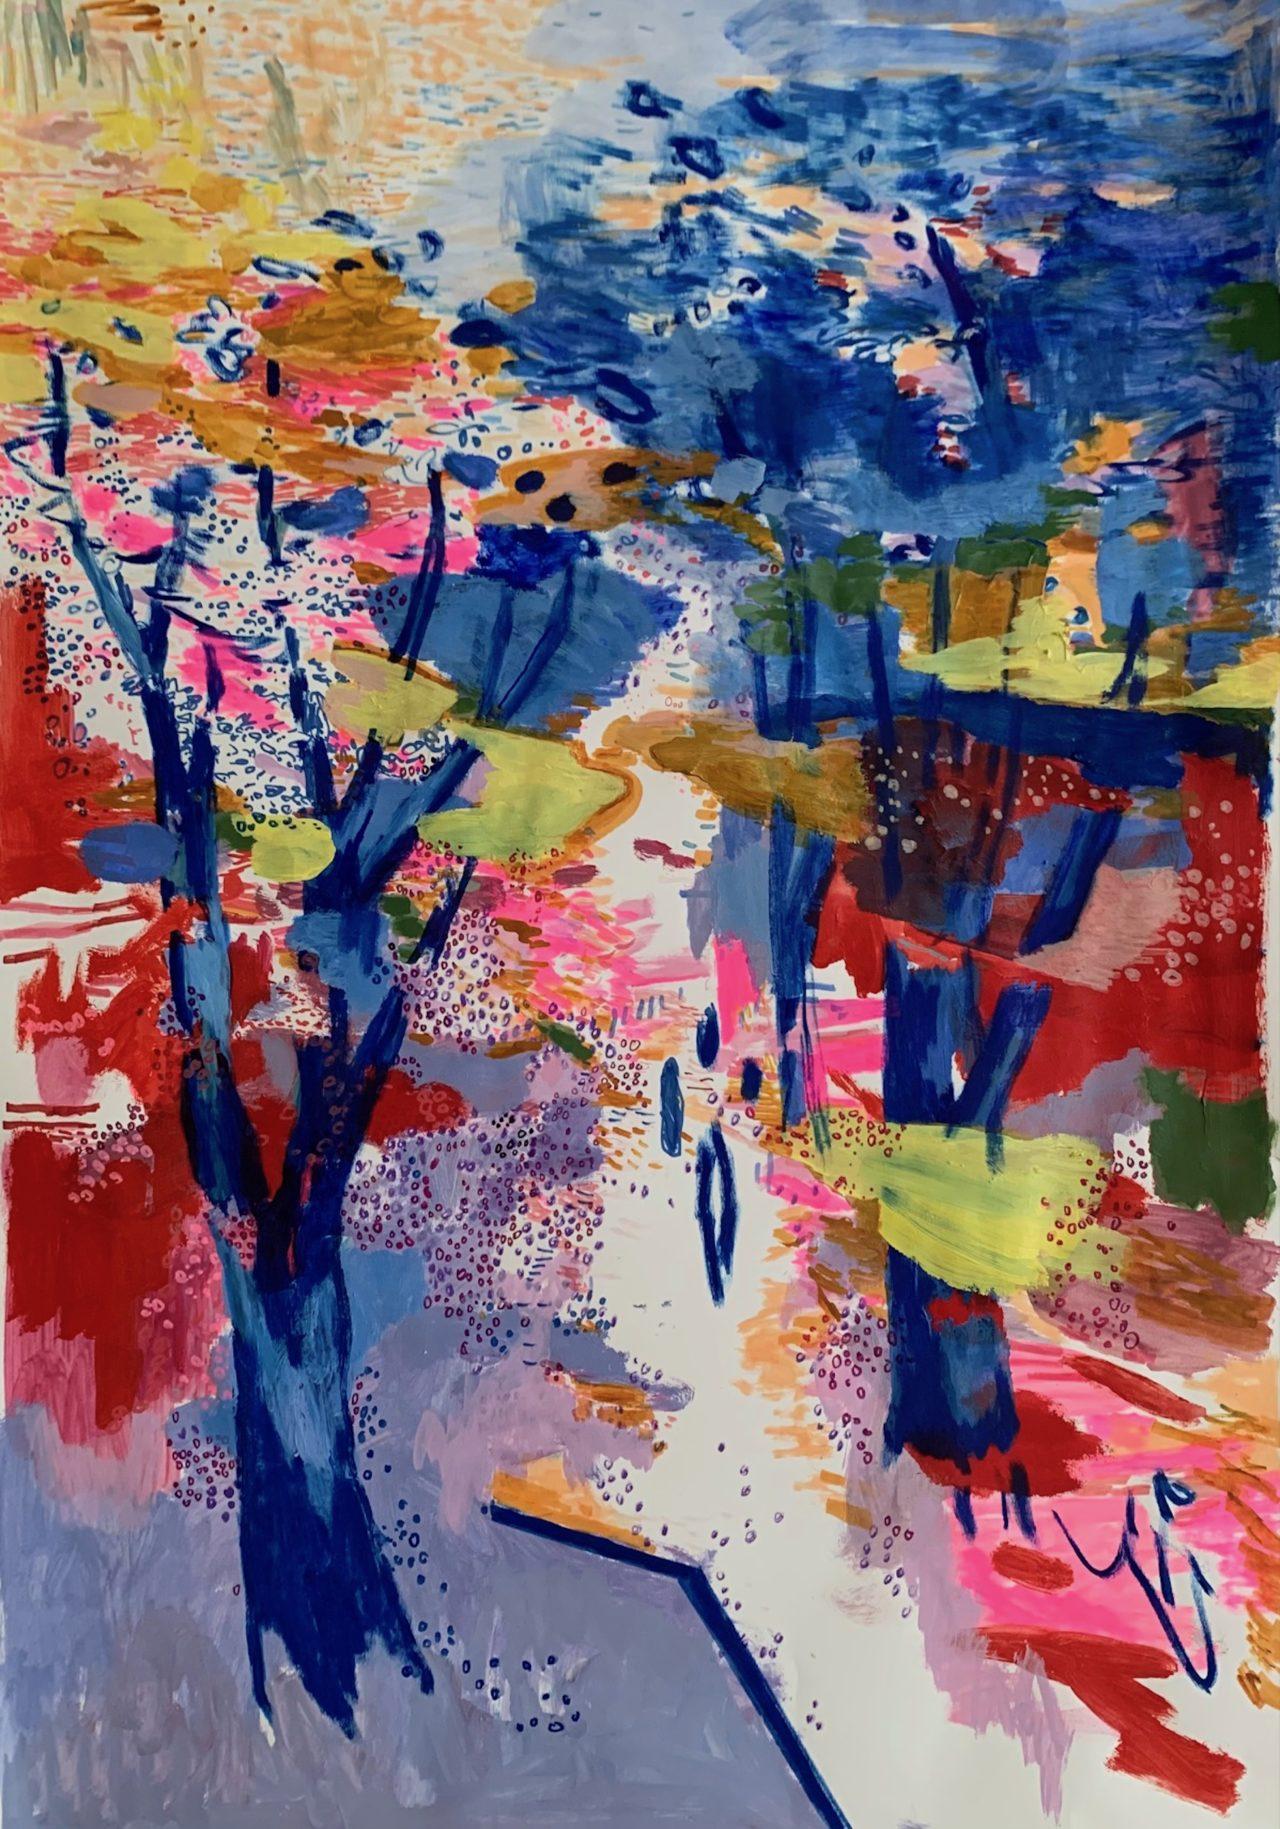 Sommerwende, 100 x 70 cm, Acryl, Kreide- und Lackstift auf Papier, 2021